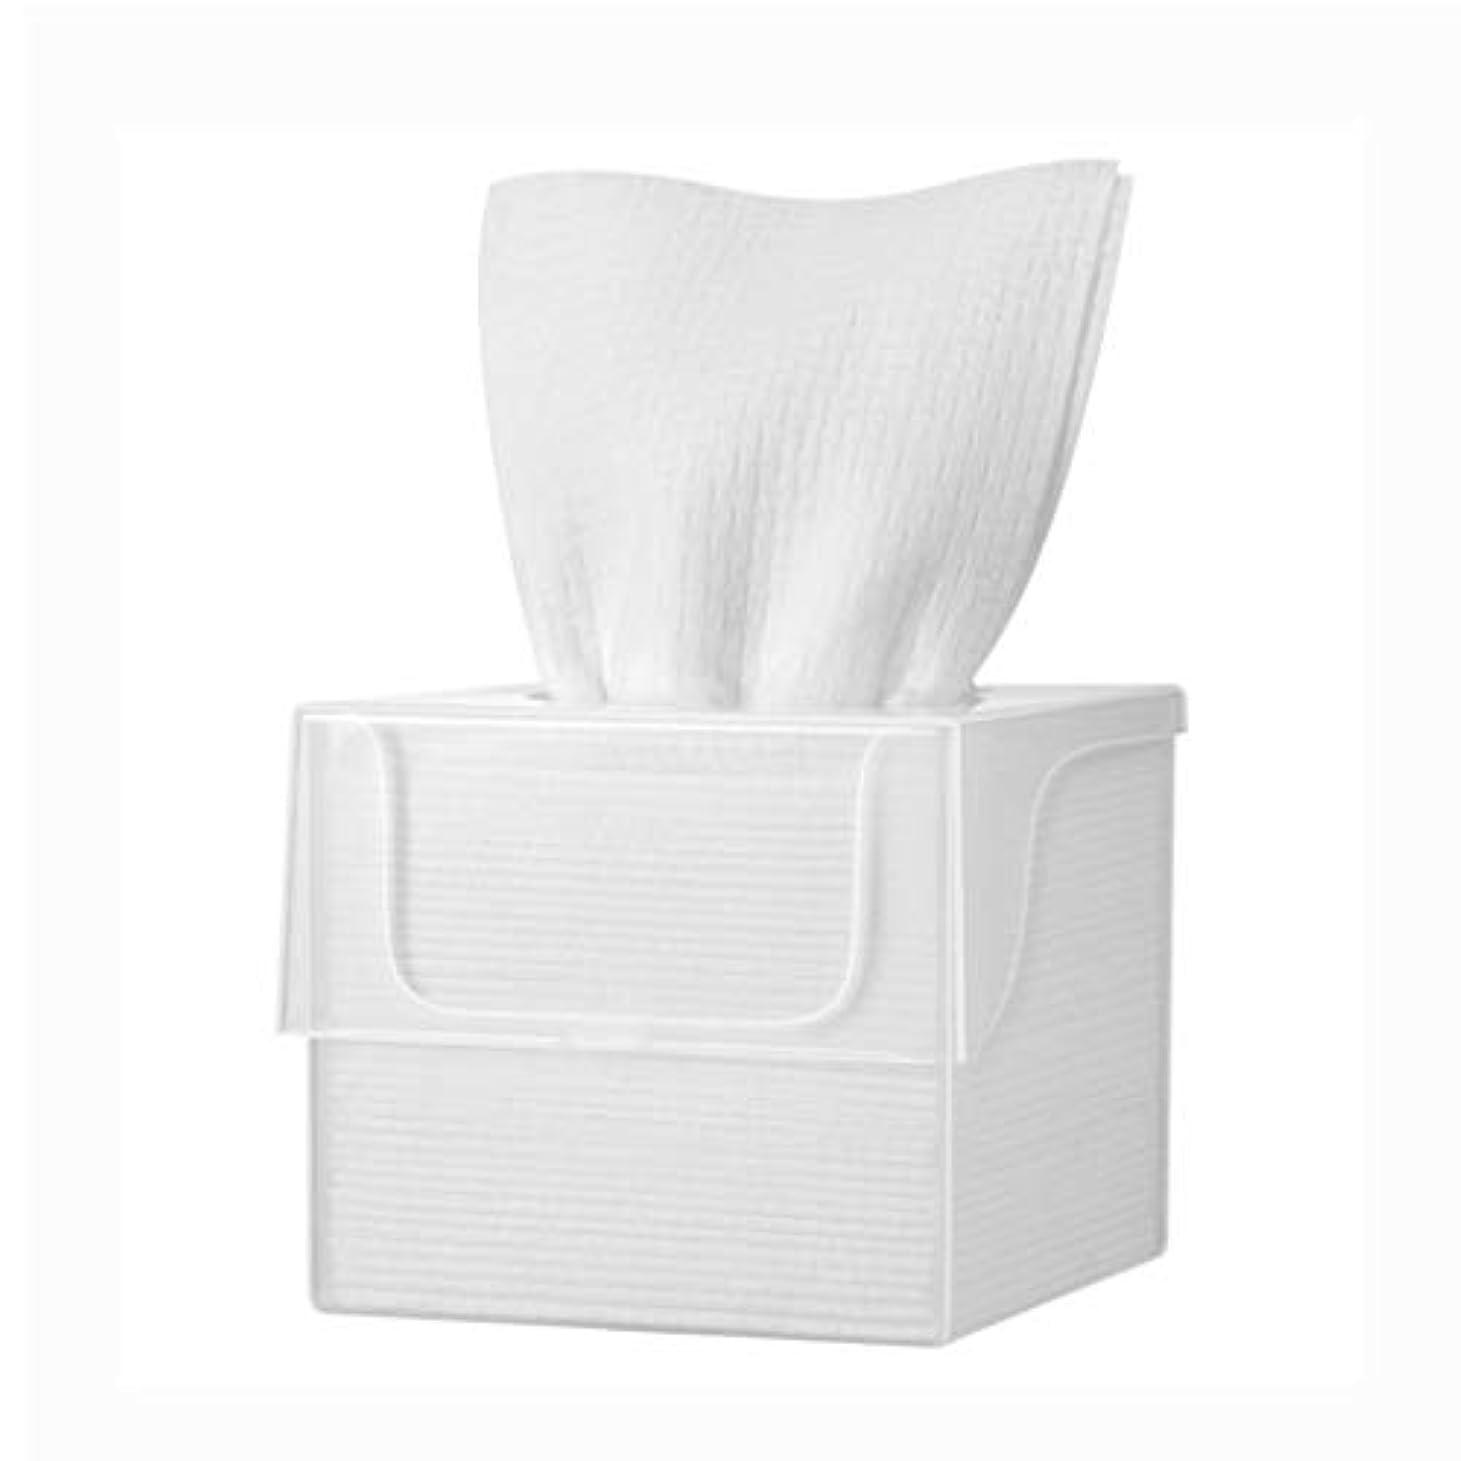 皮肉な正しく違反するコットンクレンジングタオル、女性ルームは、メイク落としフェイスタオルメイクアップ、化粧品ウォッシュ顔使い捨て洗浄綿 (Color : 40 pieces per box)